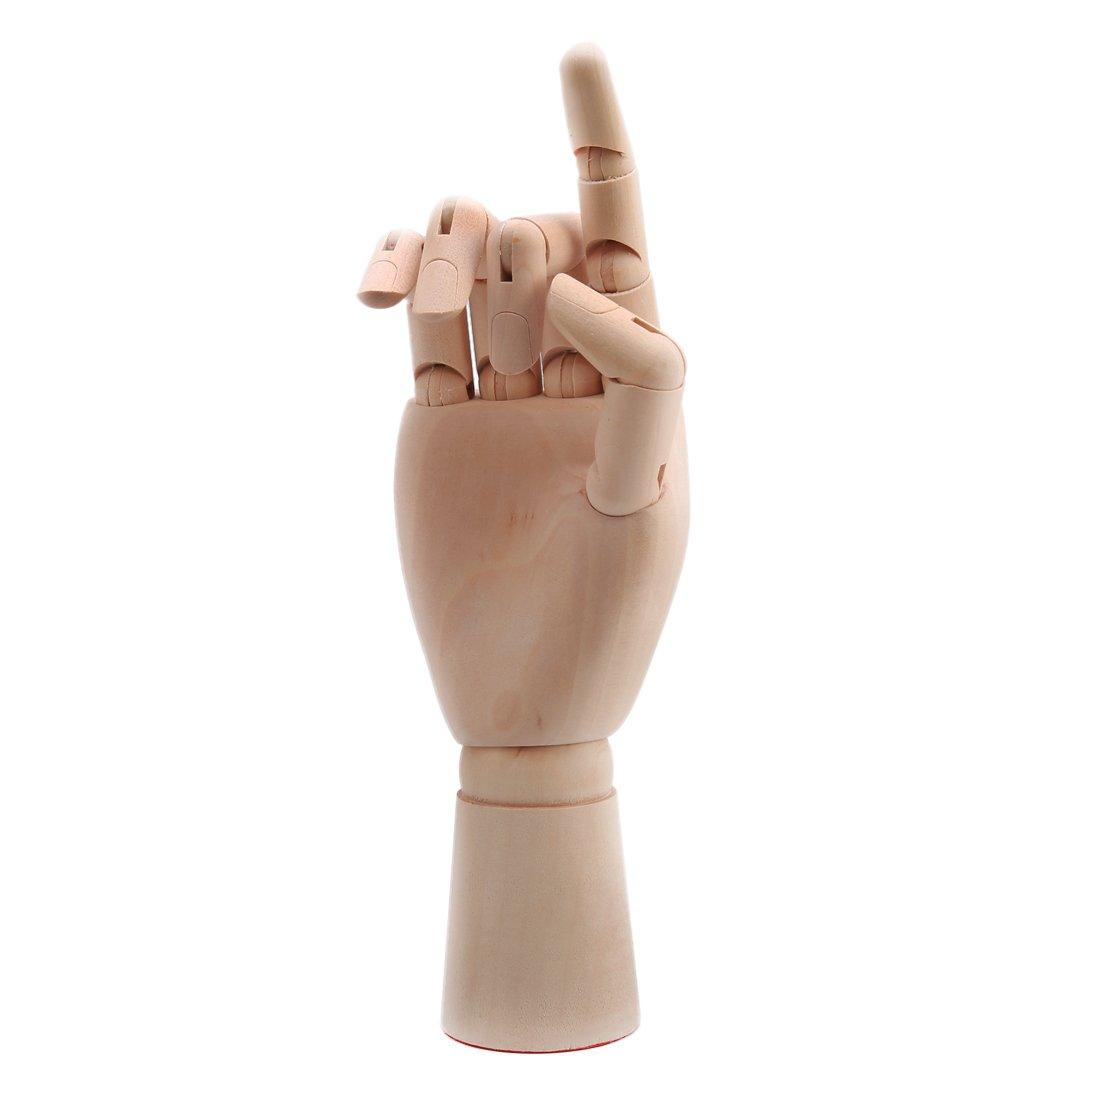 Larcele 10 pollici arte di legno disegno manichini modello umano destro MSMX-01 (26cm)